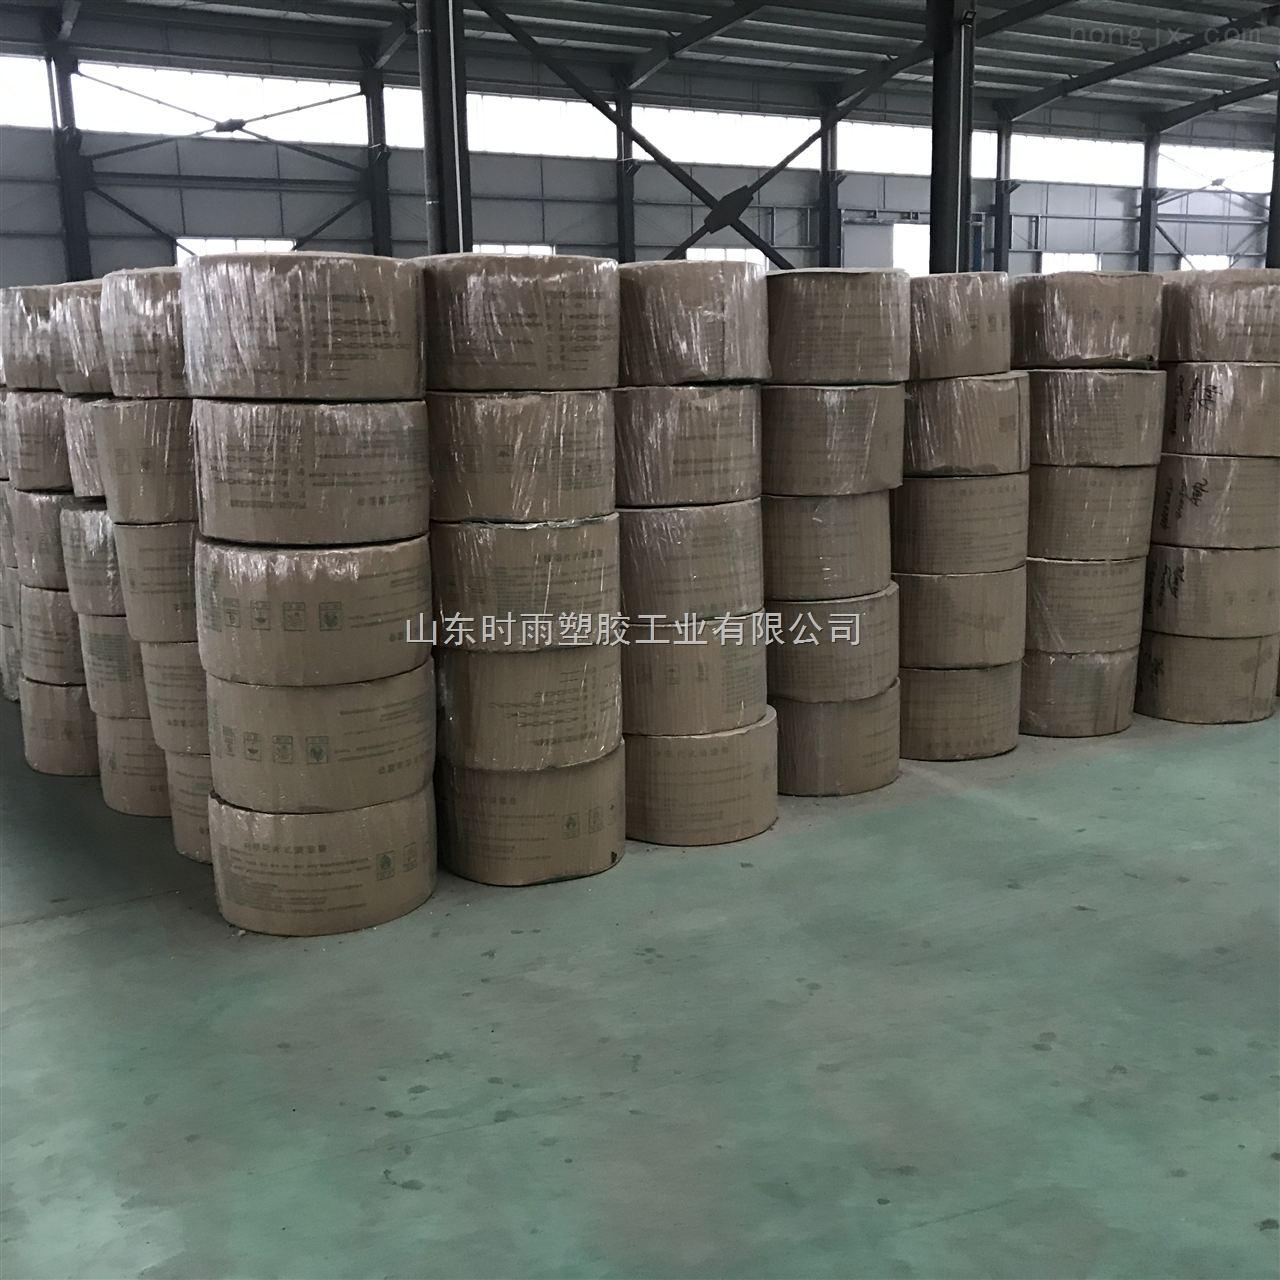 新疆天业滴灌带_山东滴灌带设备公司_菏泽滴灌带